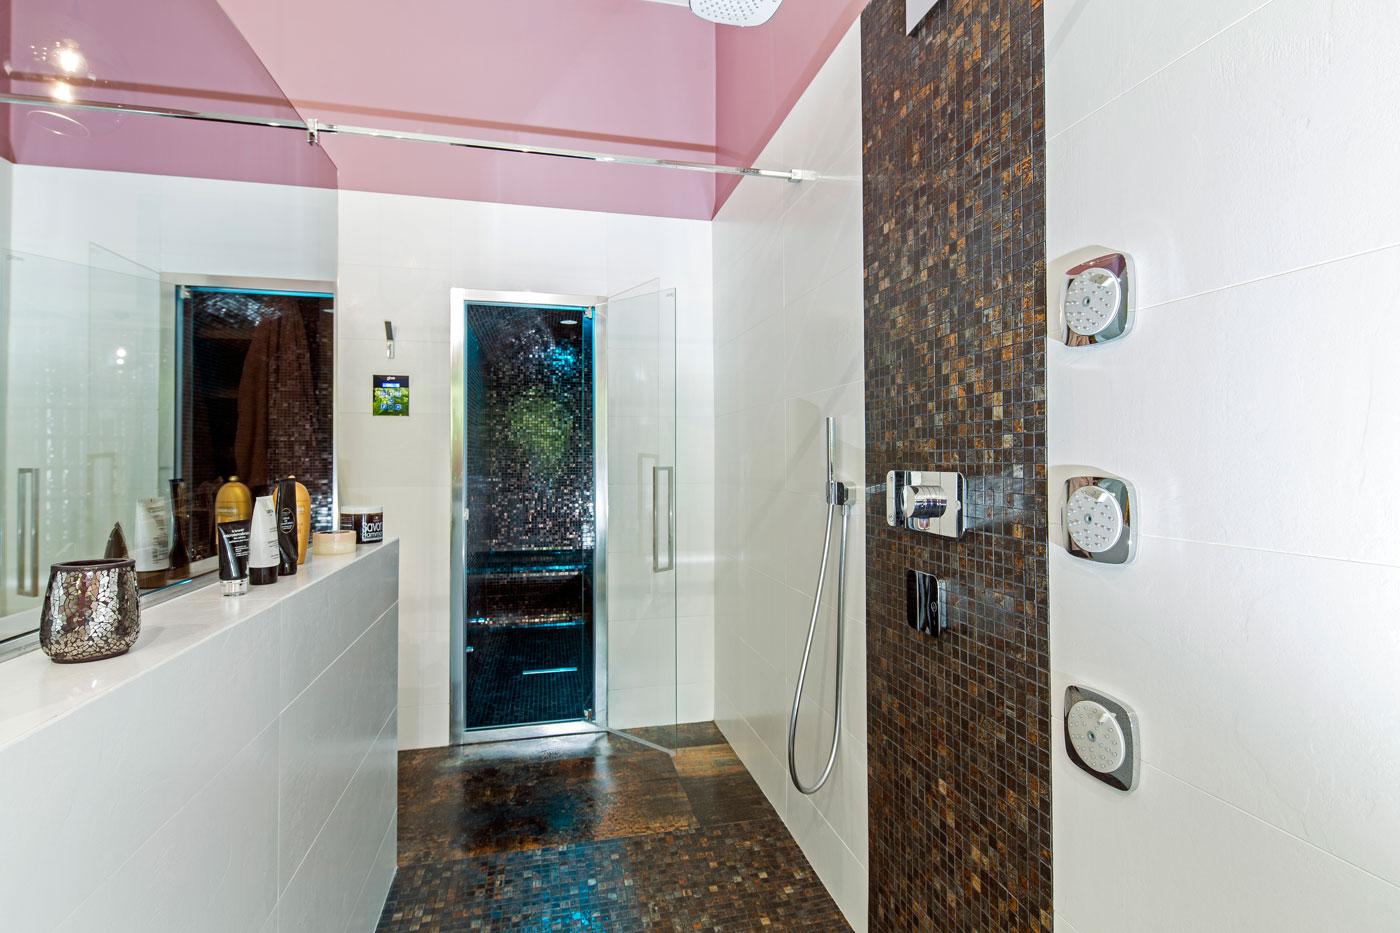 Accessoires Salle De Bain Axor ~ troph e vip axor 2016 id es d co meubles et int rieurs design